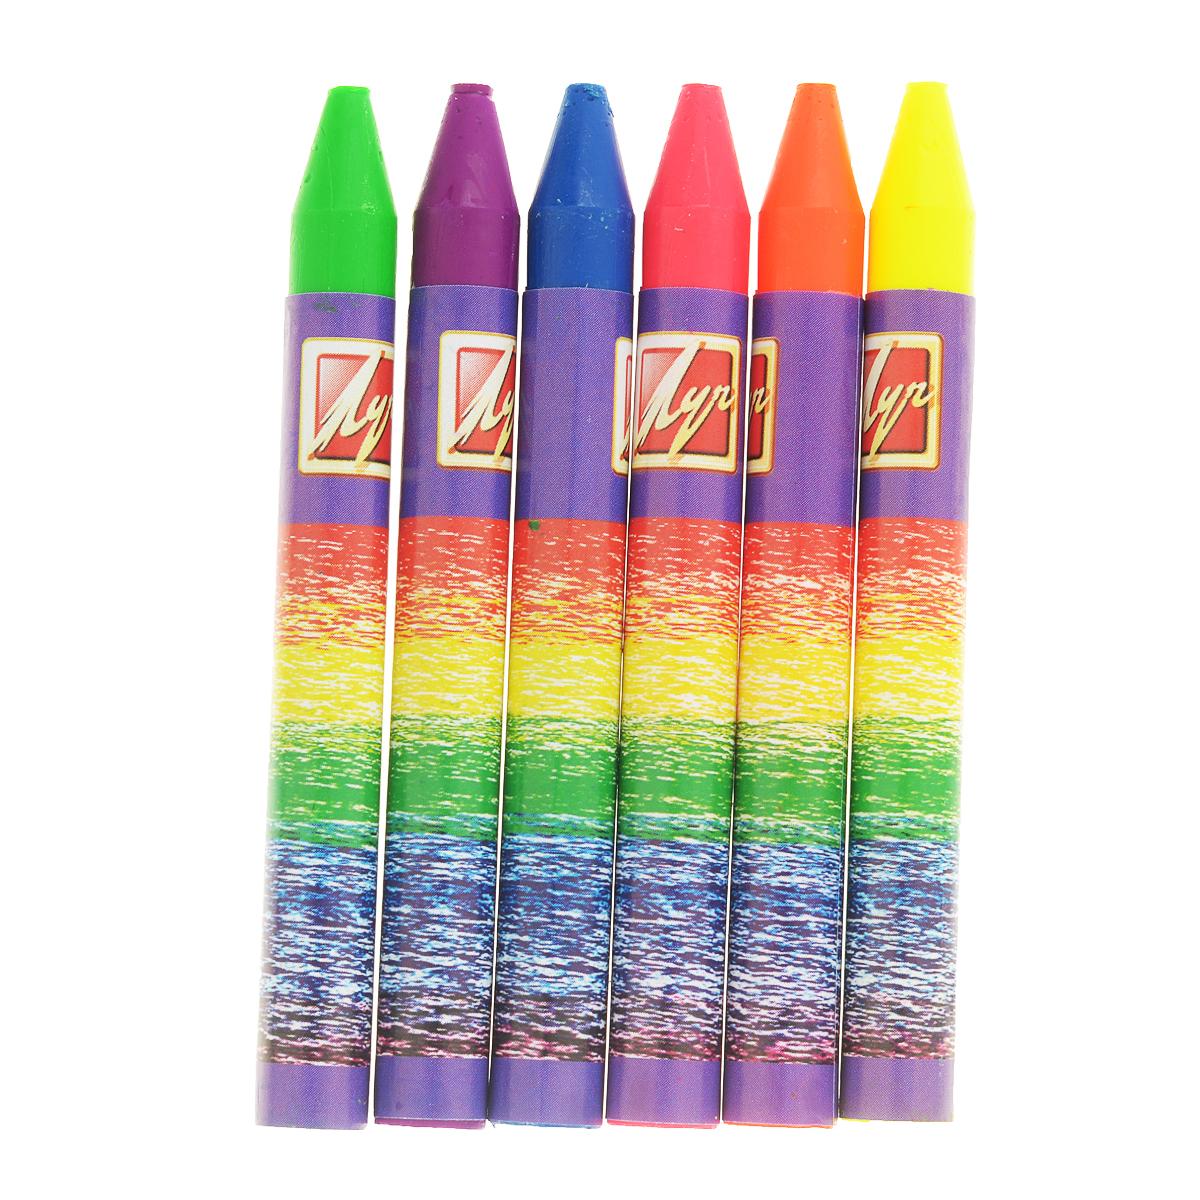 можно как удалить масляные карандаши с фотографии событие должно пройти